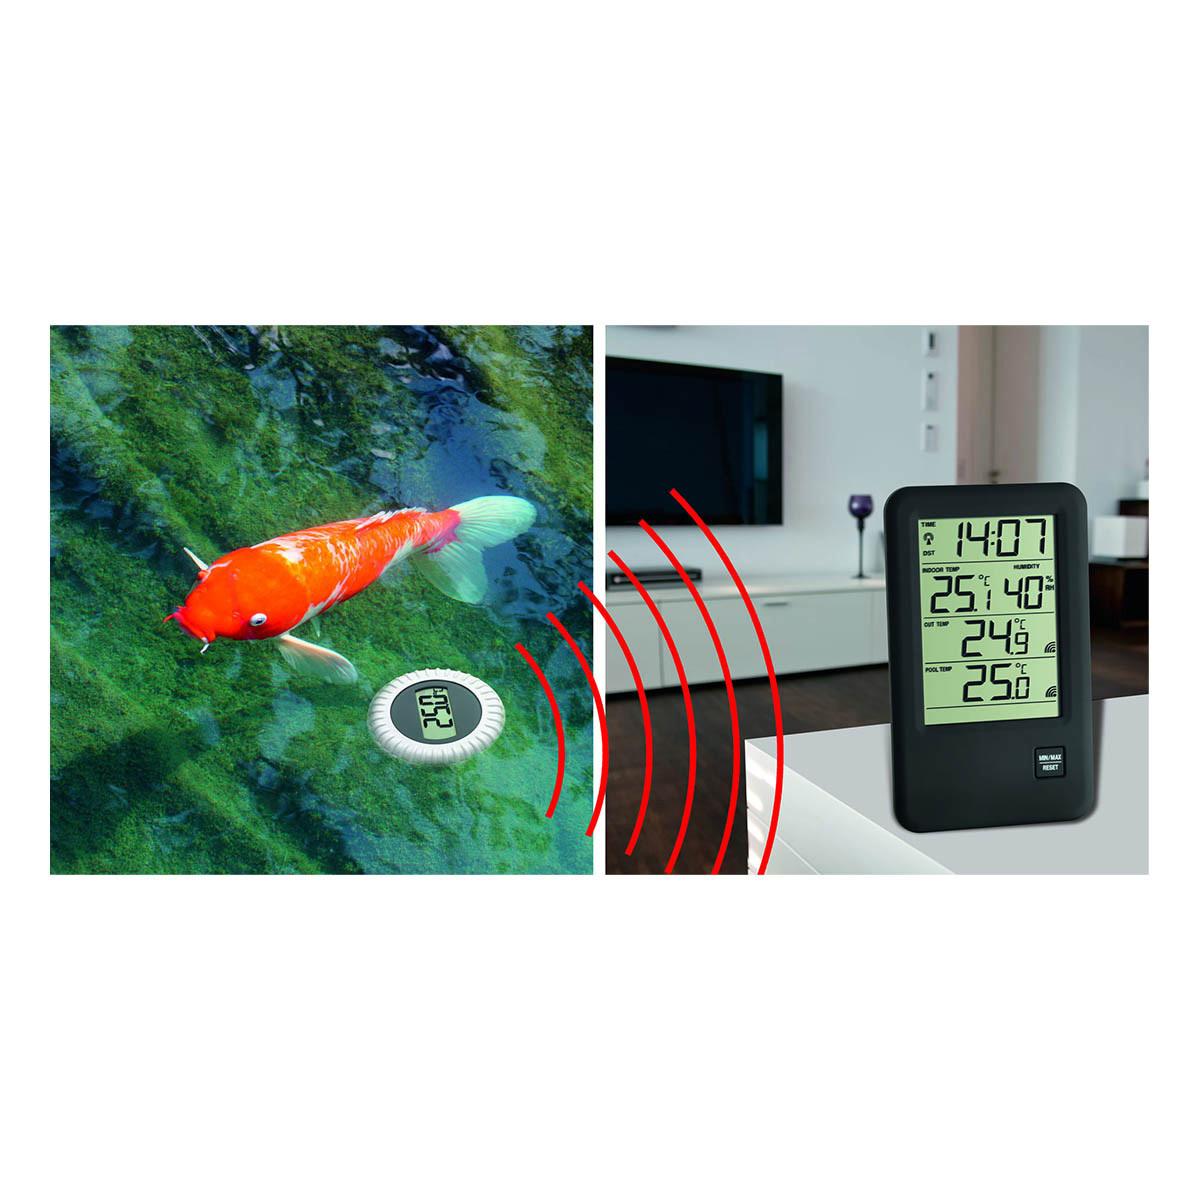 30-3199-it-poolsender-mit-display-anwendung1-1200x1200px.jpg